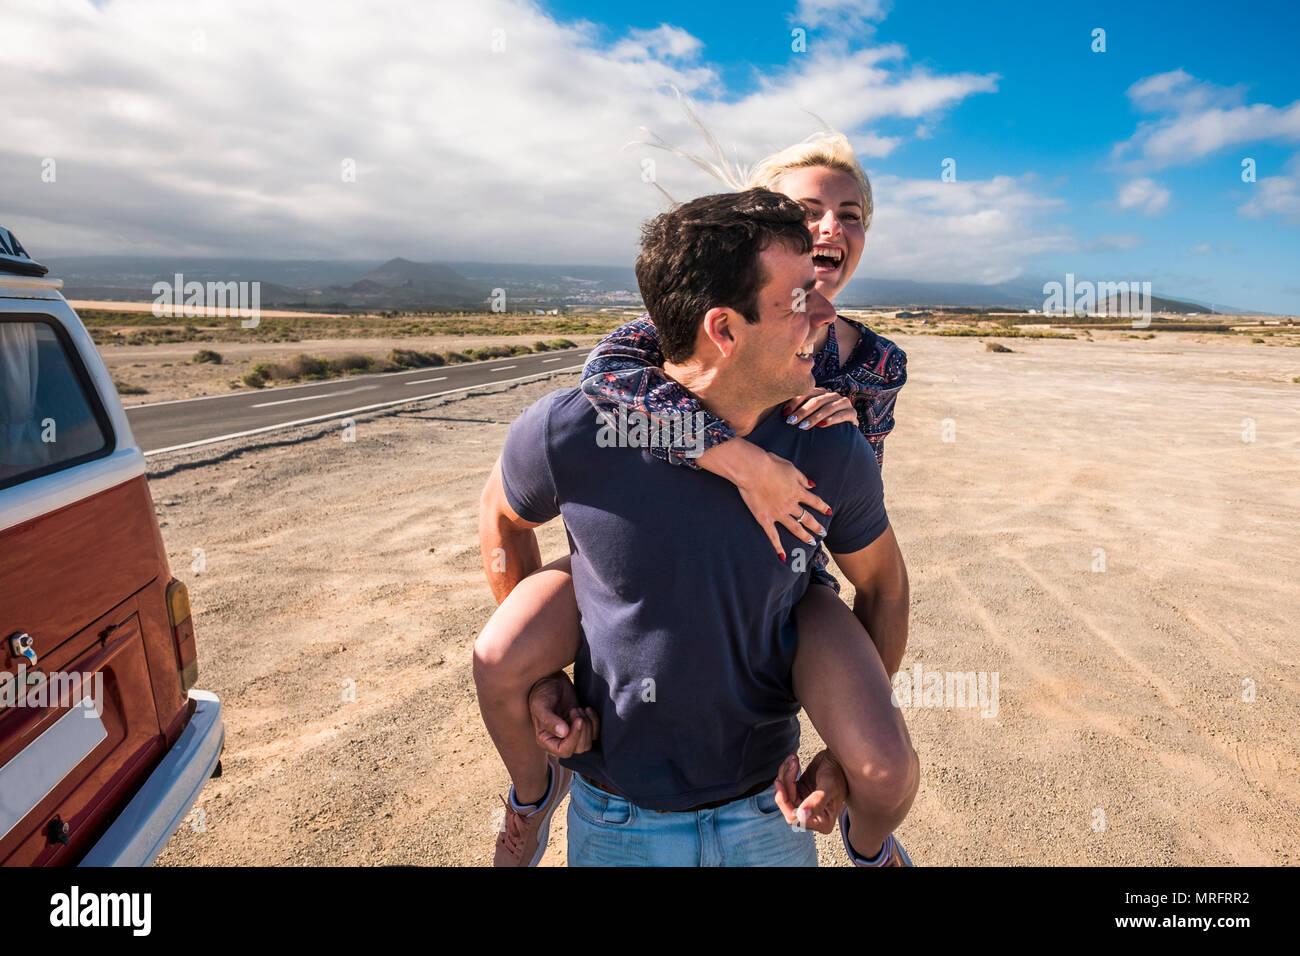 Beau beau modèle caucasien couple in love Jouer et rester ensemble dans l'activité de loisirs piscine à proximité d'une longue route traversant le désert dans un long voyage v Photo Stock